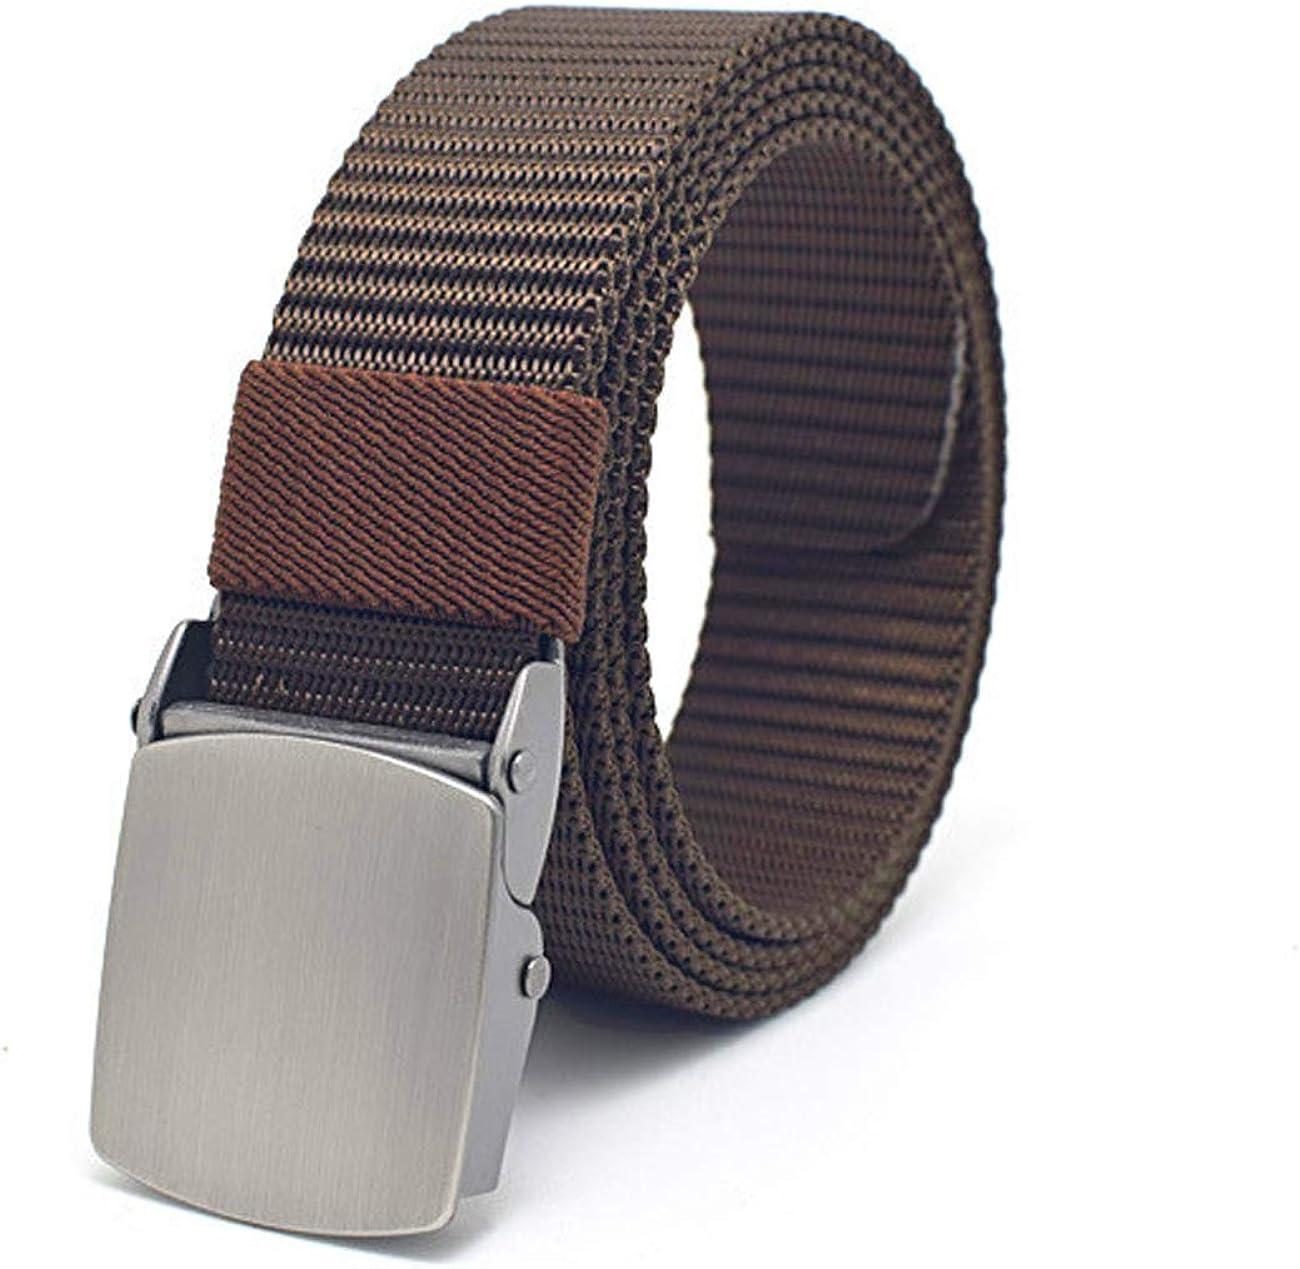 FUREIN Cintur/ón T/áctico Militar Ajustable para Hombre y Mujer Unisex Largo Recortable Lona Nylon con Hebilla Cl/ásica